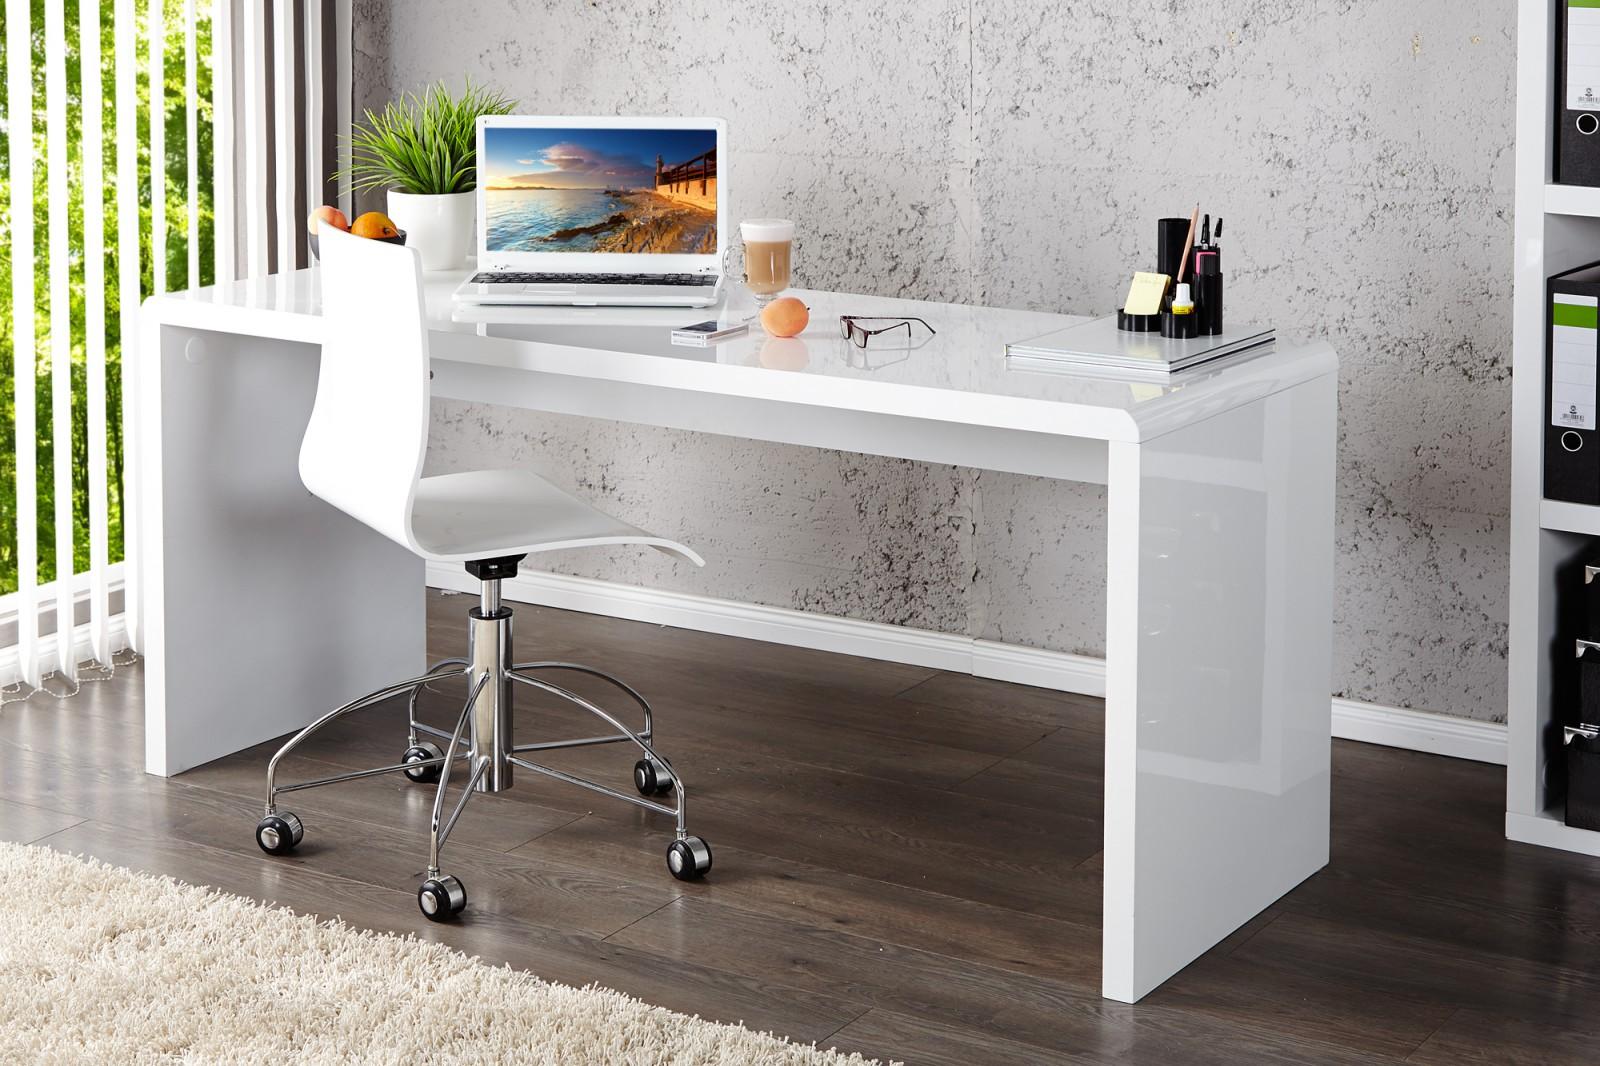 fast trade r asztal 140cm. Black Bedroom Furniture Sets. Home Design Ideas